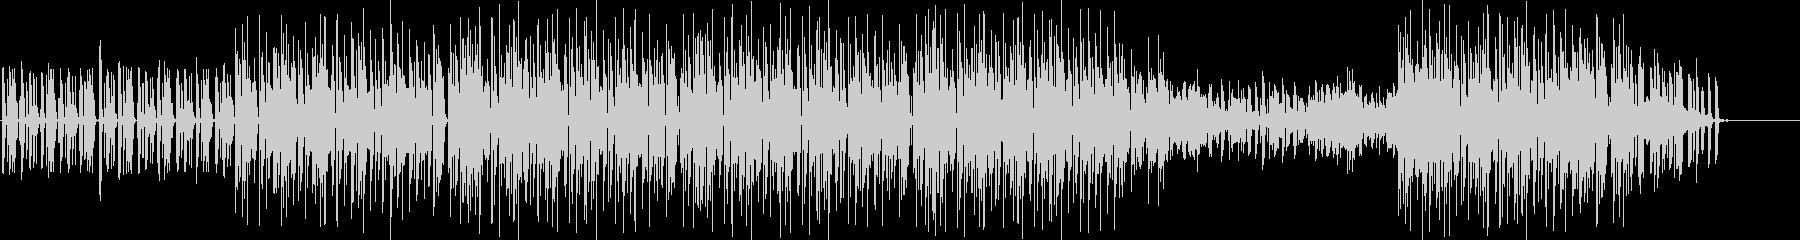 和やかで軽やかなギターチルホップの未再生の波形